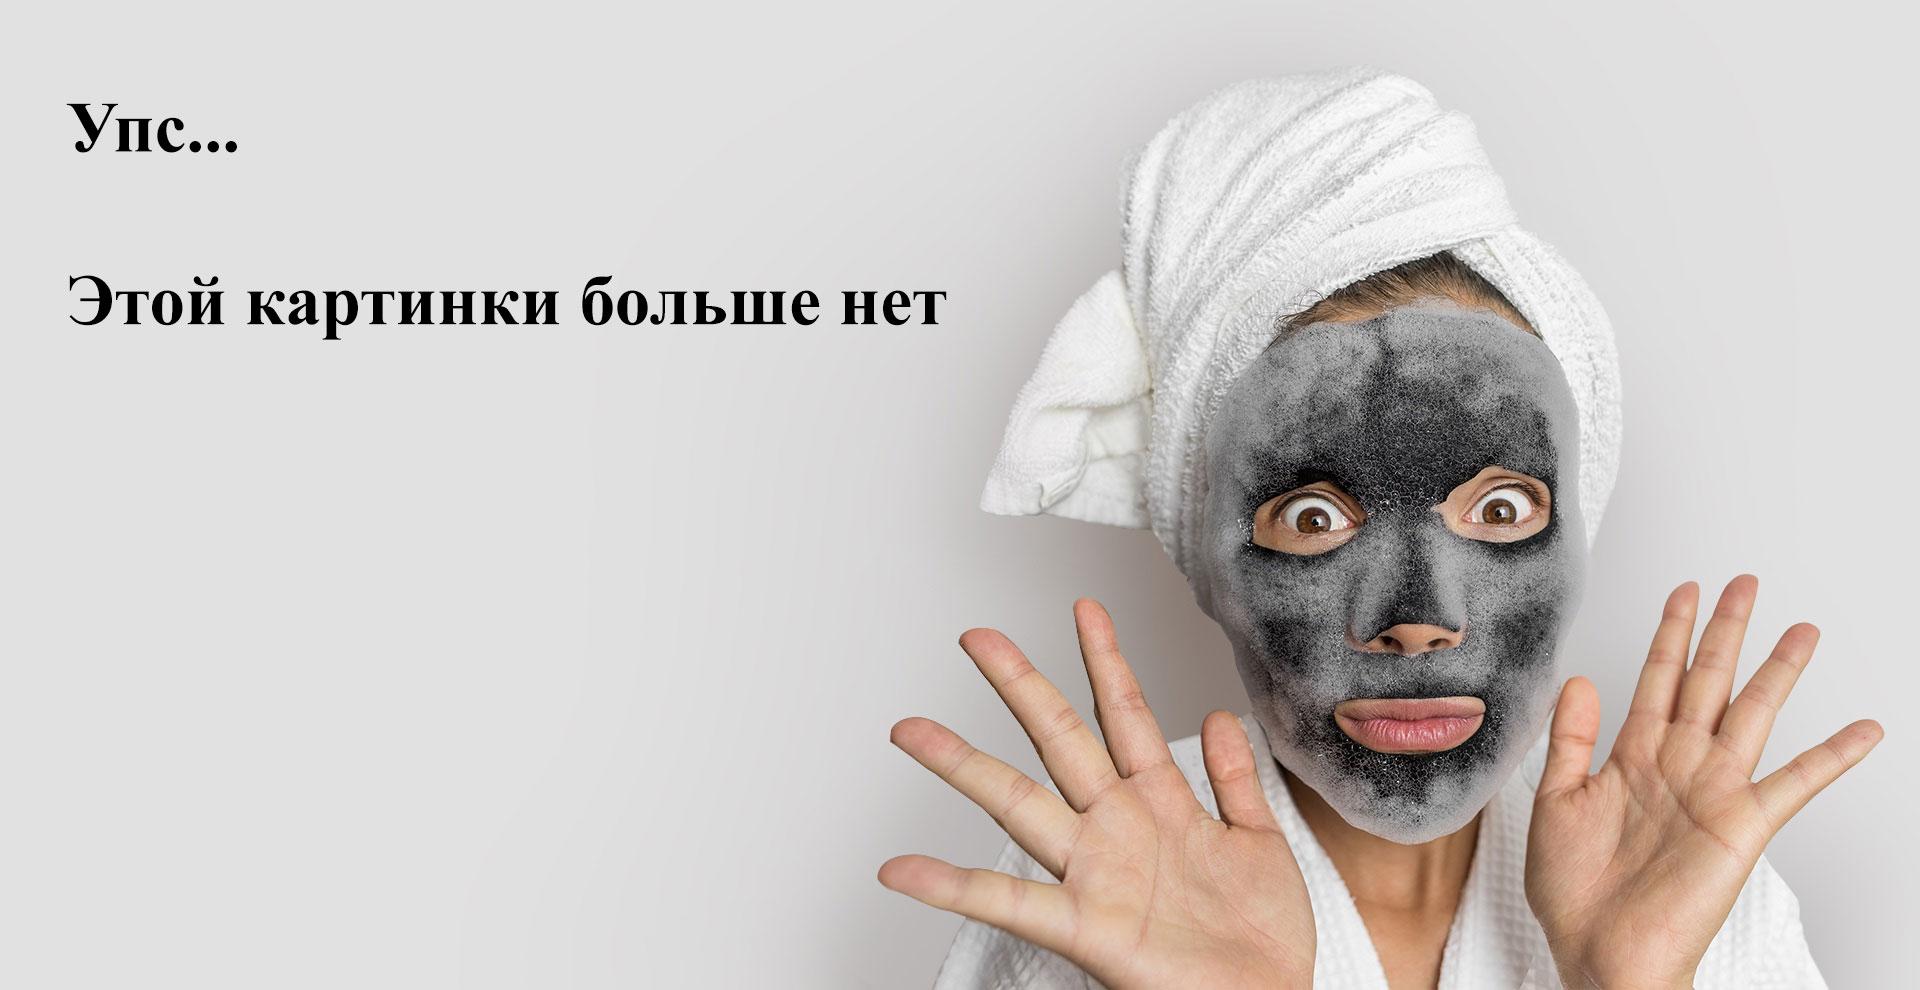 KrasotkaPro, Простыня одноразовая «Эконом» голубая, 200х80 см, 20 шт.